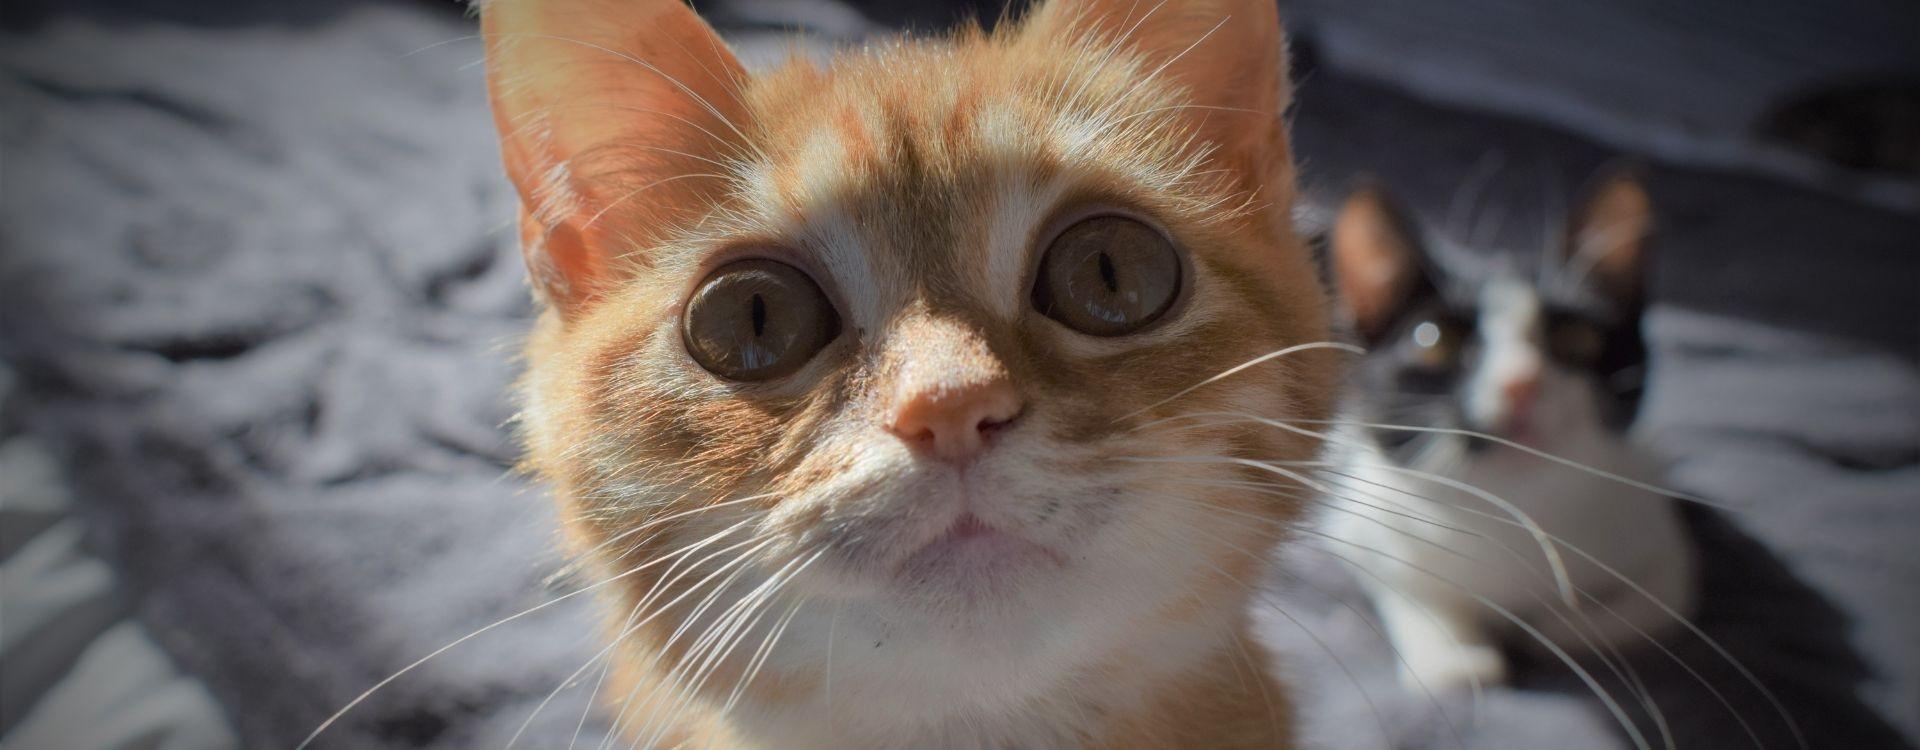 Perché il gatto fa le fusa?